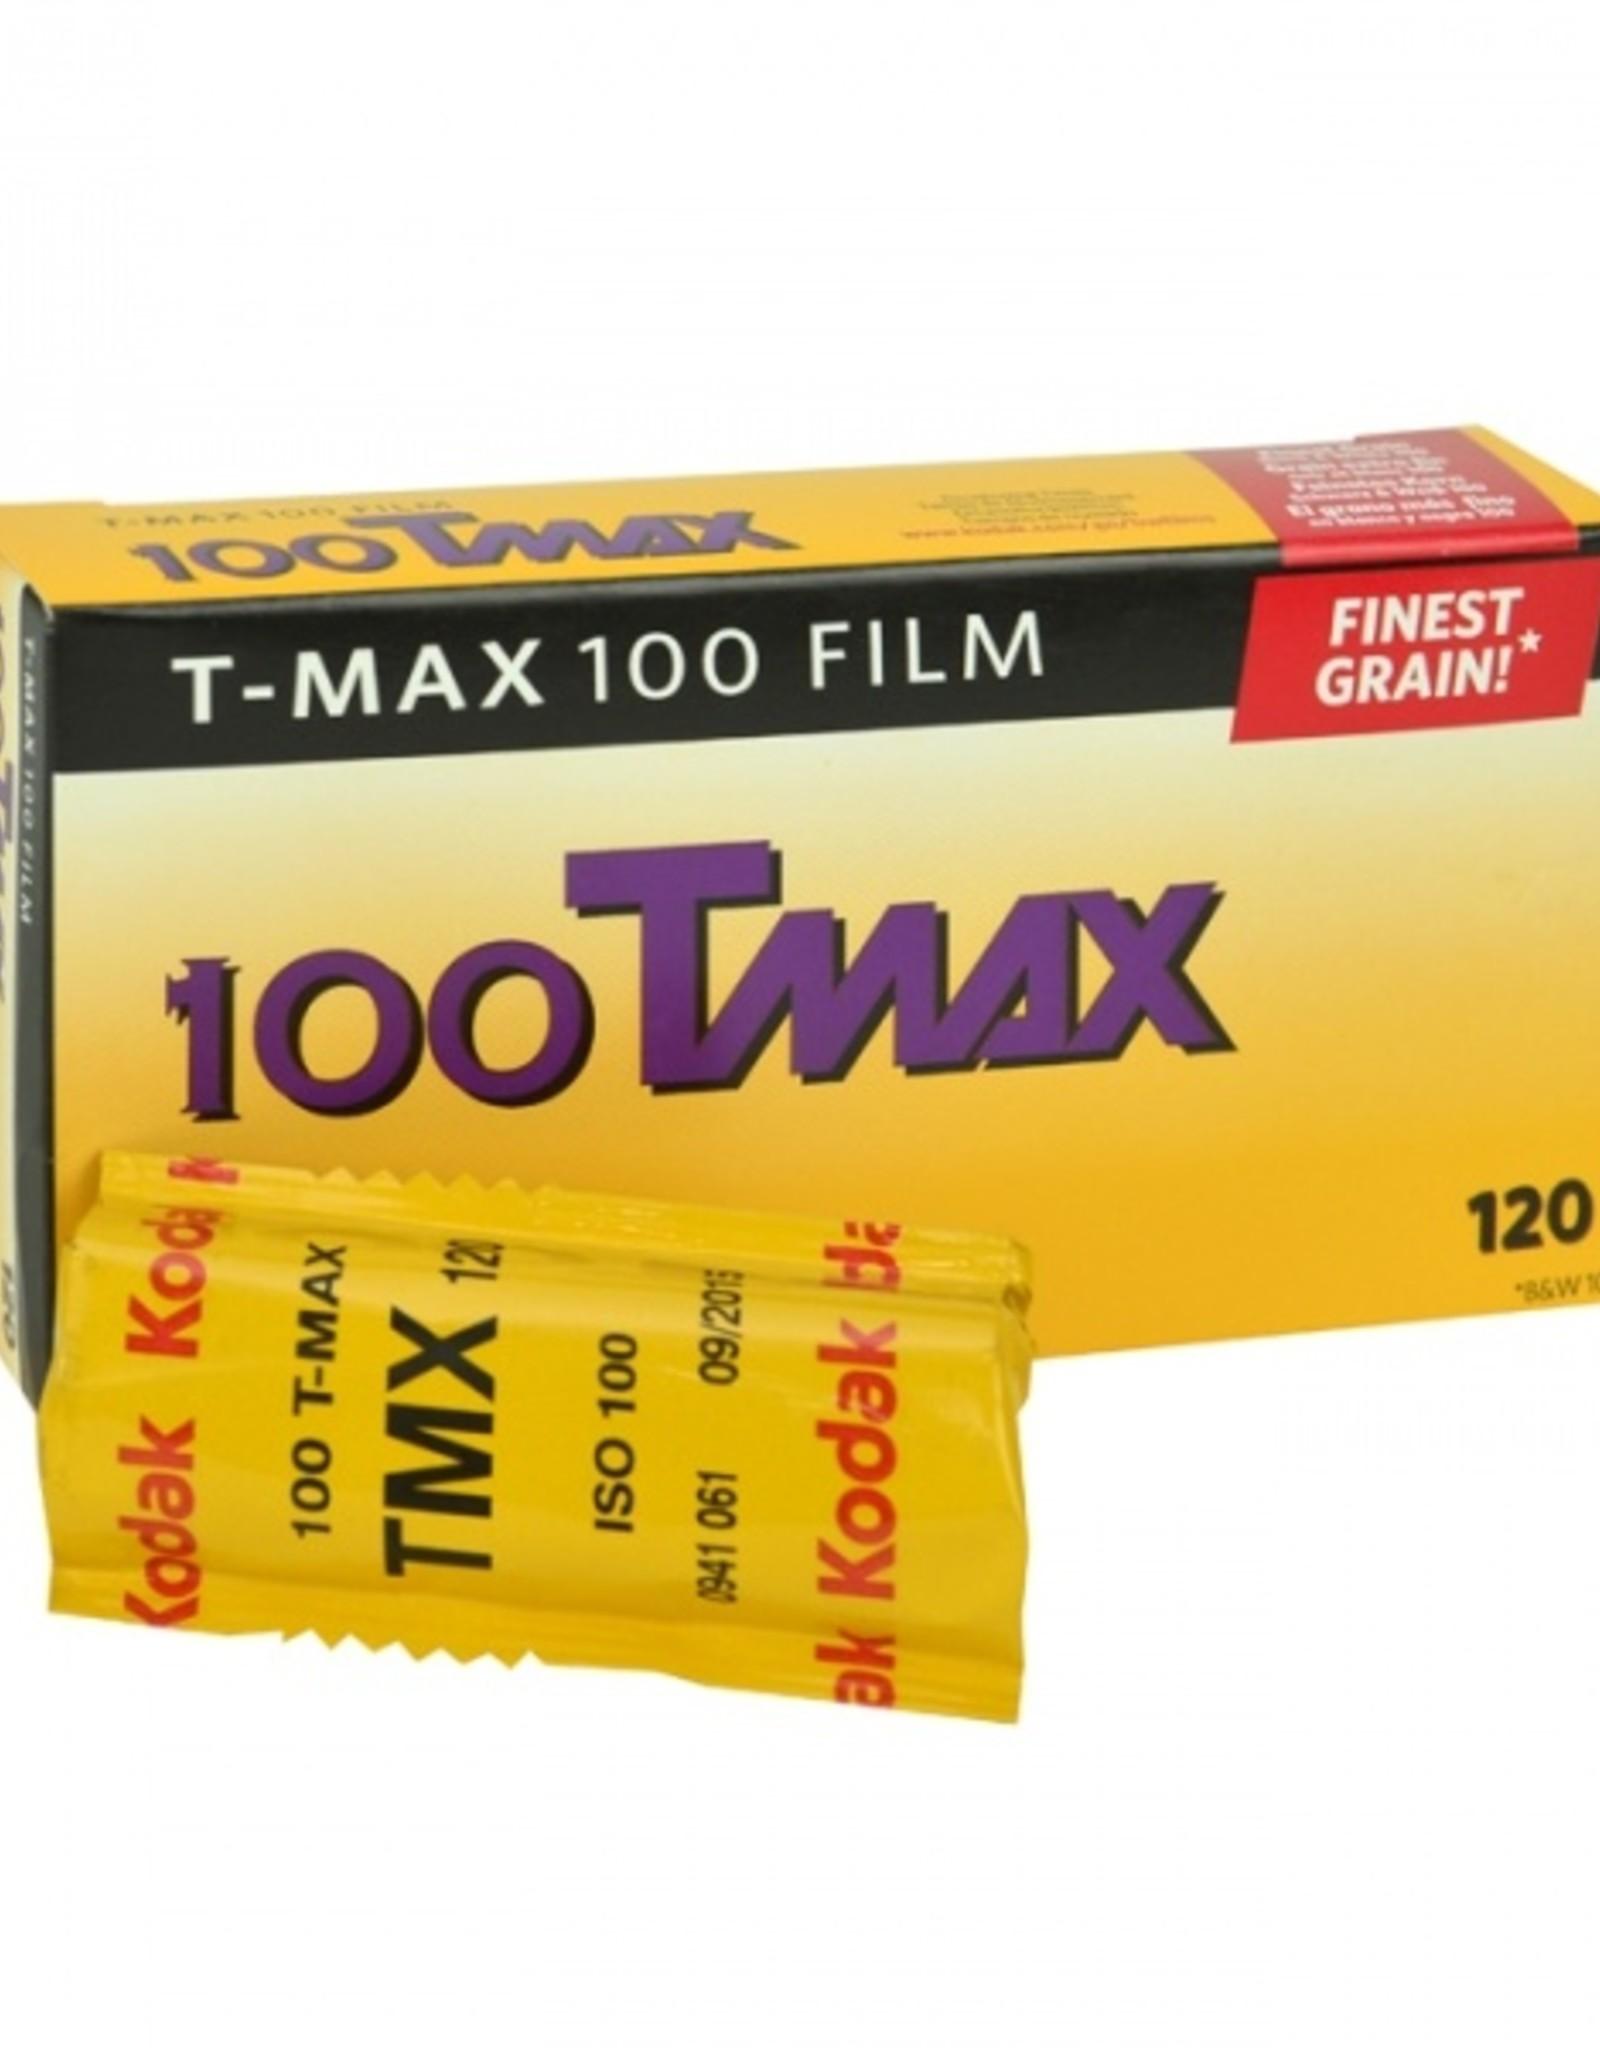 KODAK Tmax 100 TMX 120